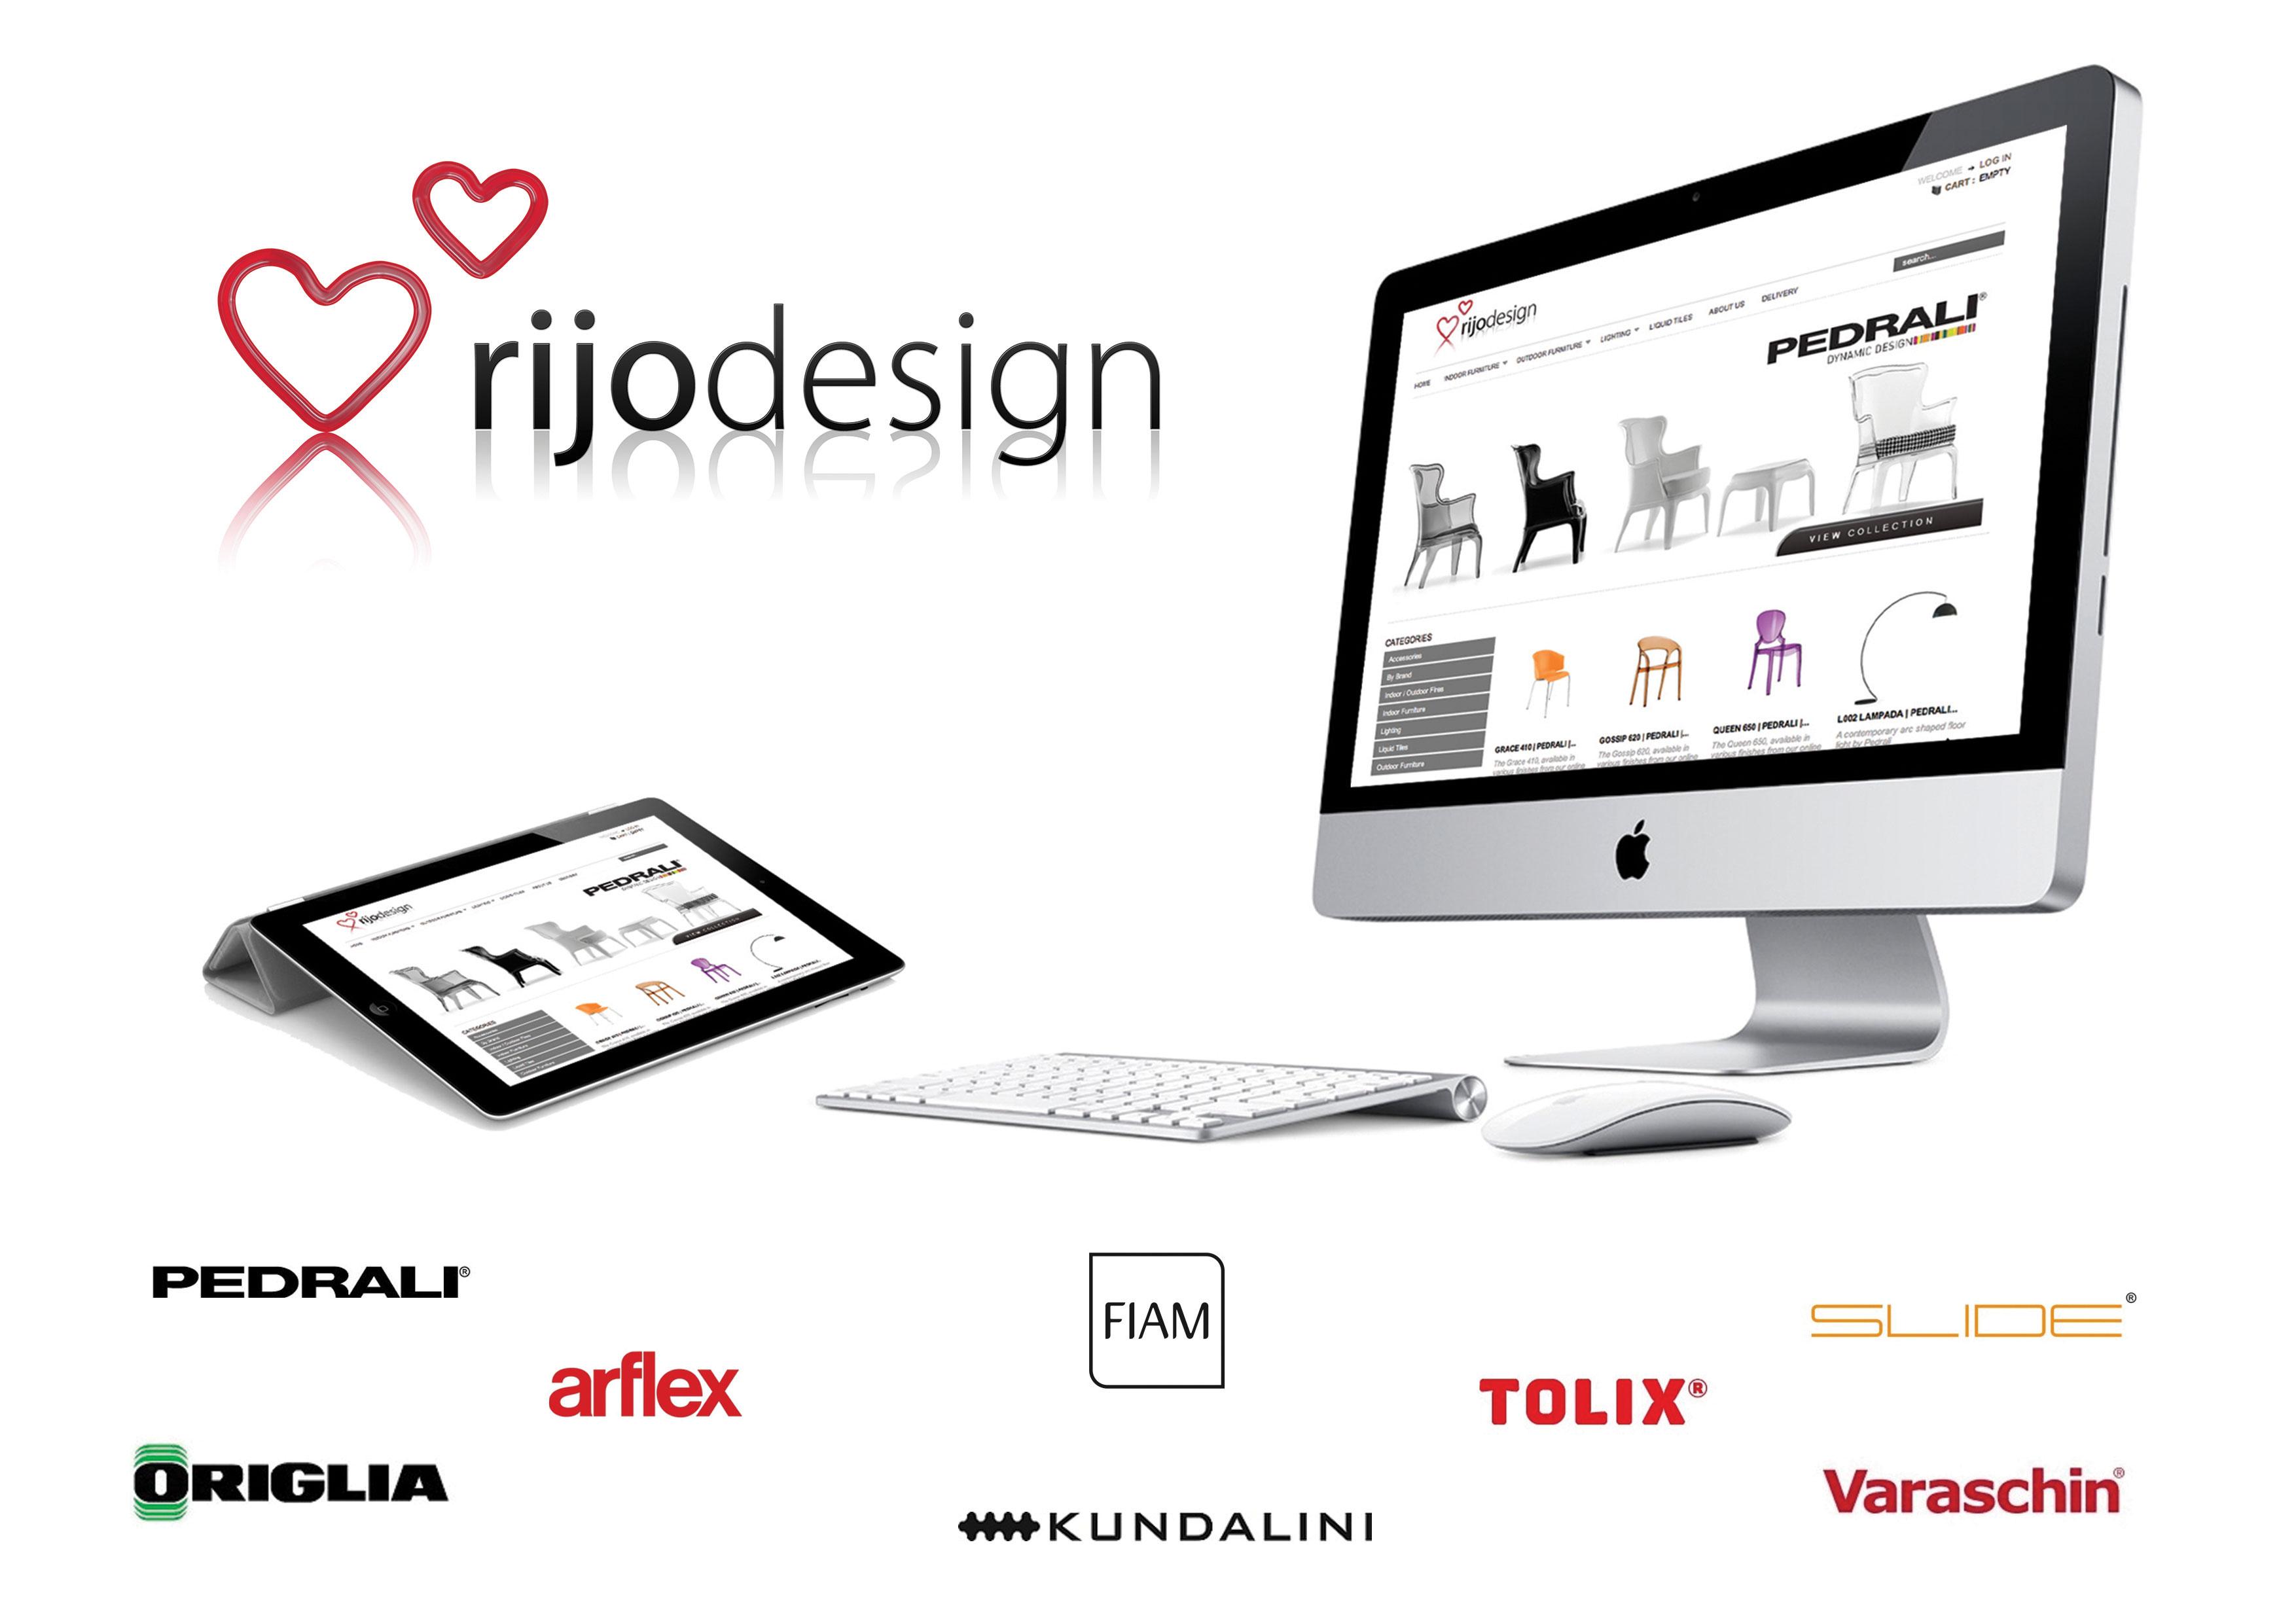 rijo design Contract Furniture